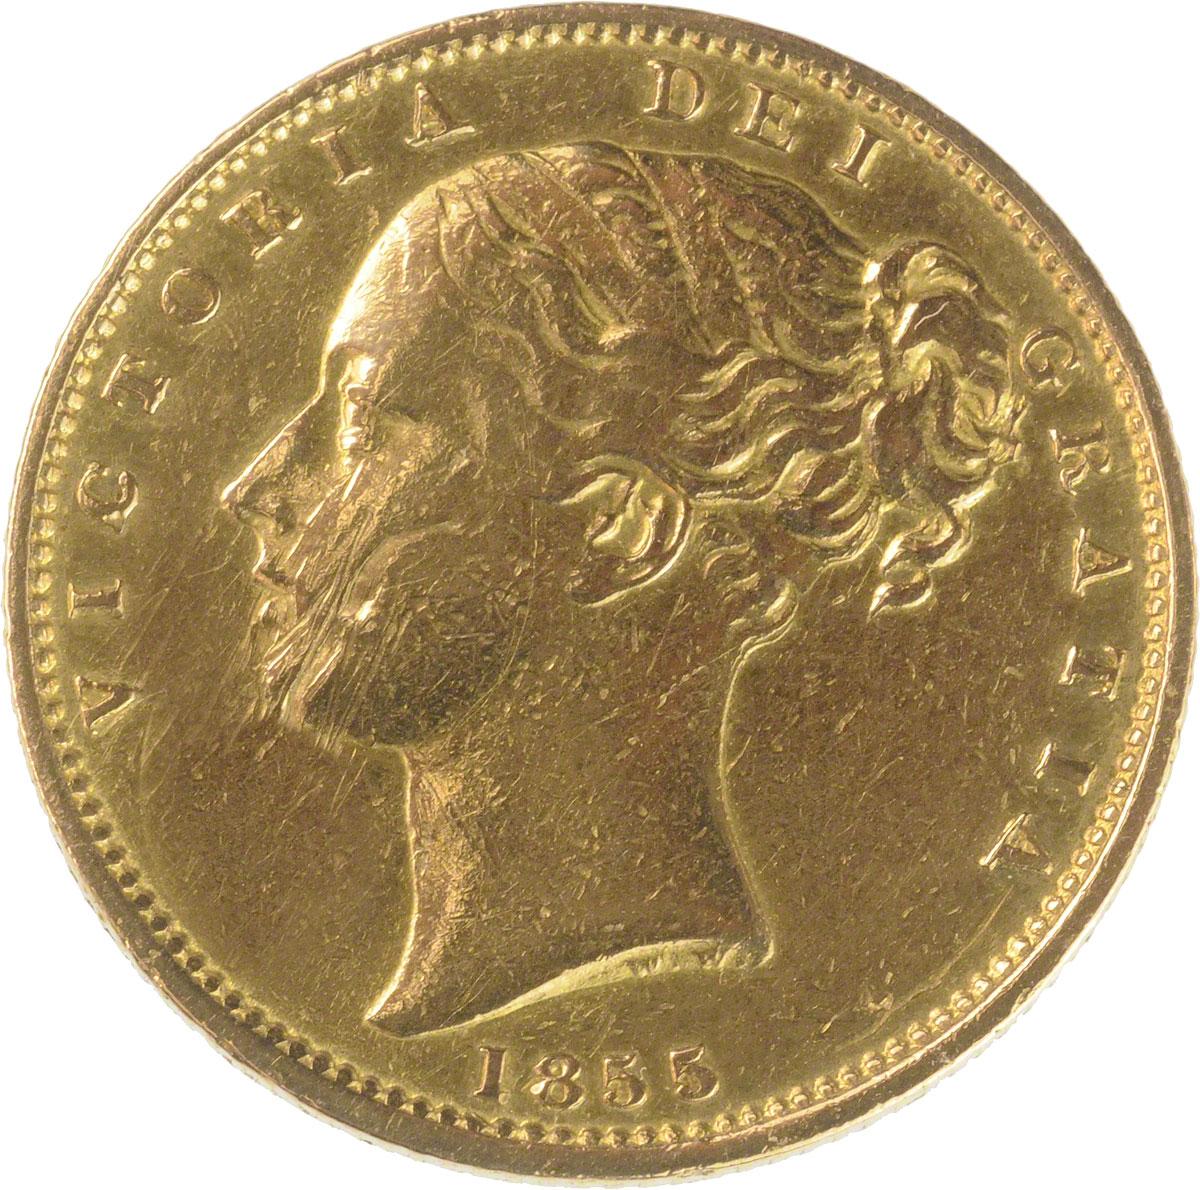 1855 Βικτώρια (Νομισματοκοπείο Λονδίνου)